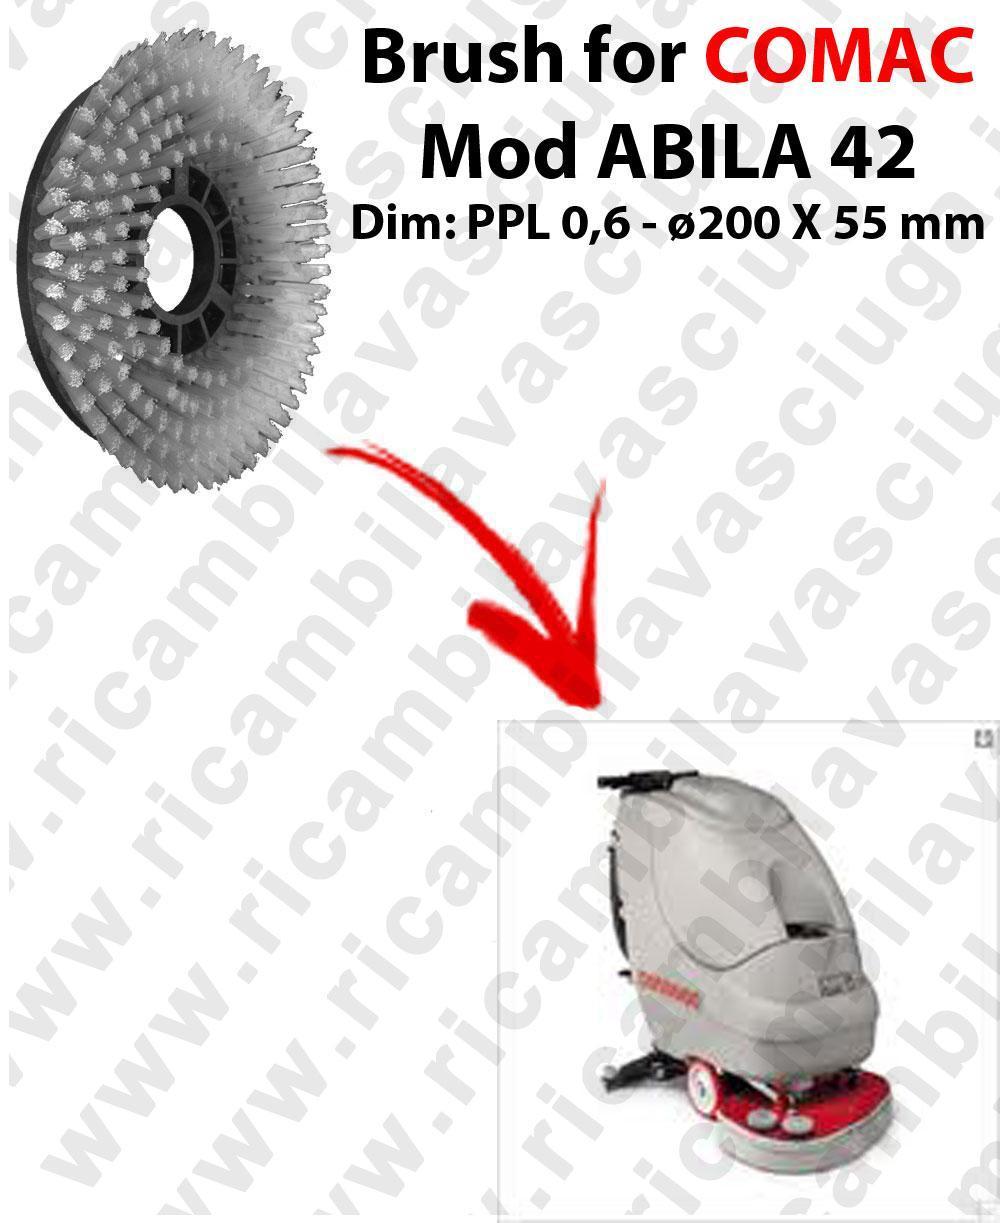 STANDARD BRUSH  for scrubber dryer COMAC ABILA 42 . model: PPL 0,6 - ⌀200 X 55 mm -  old